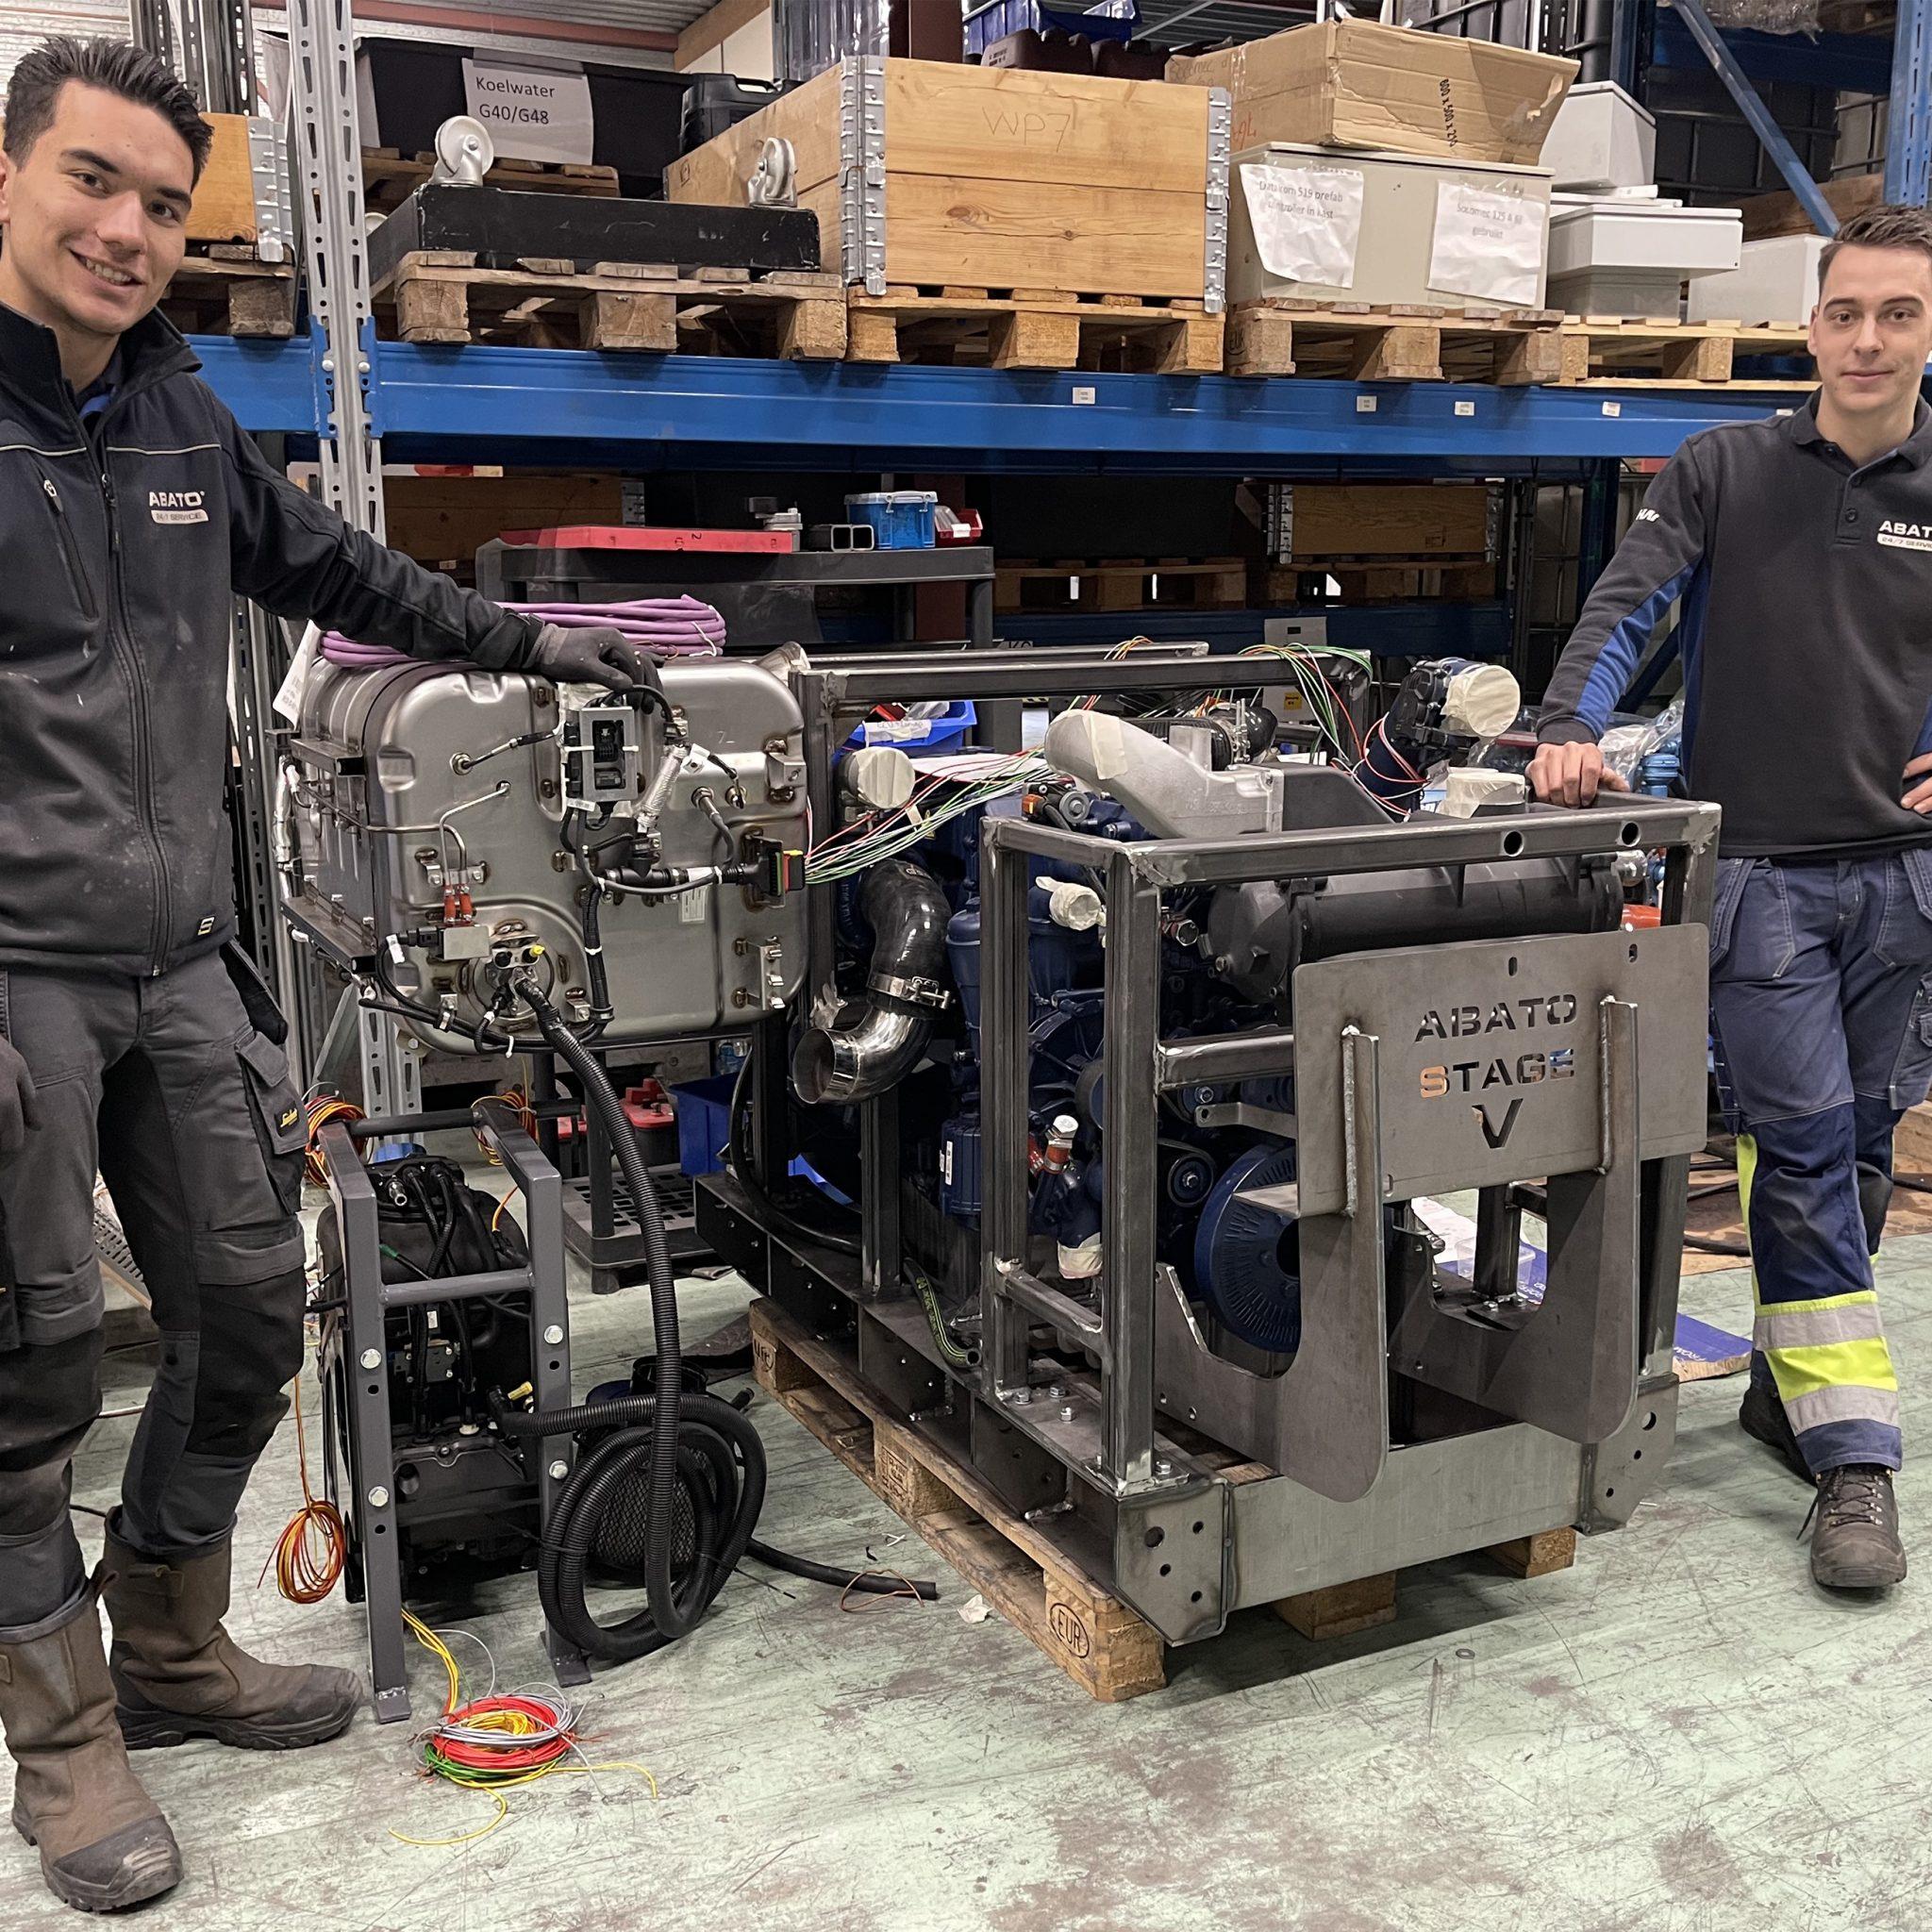 Abato verwacht rond de zomer de certificering van de WP7 Stage V-motor van 300 pk rond te hebben. (Foto's Erik van Huizen)